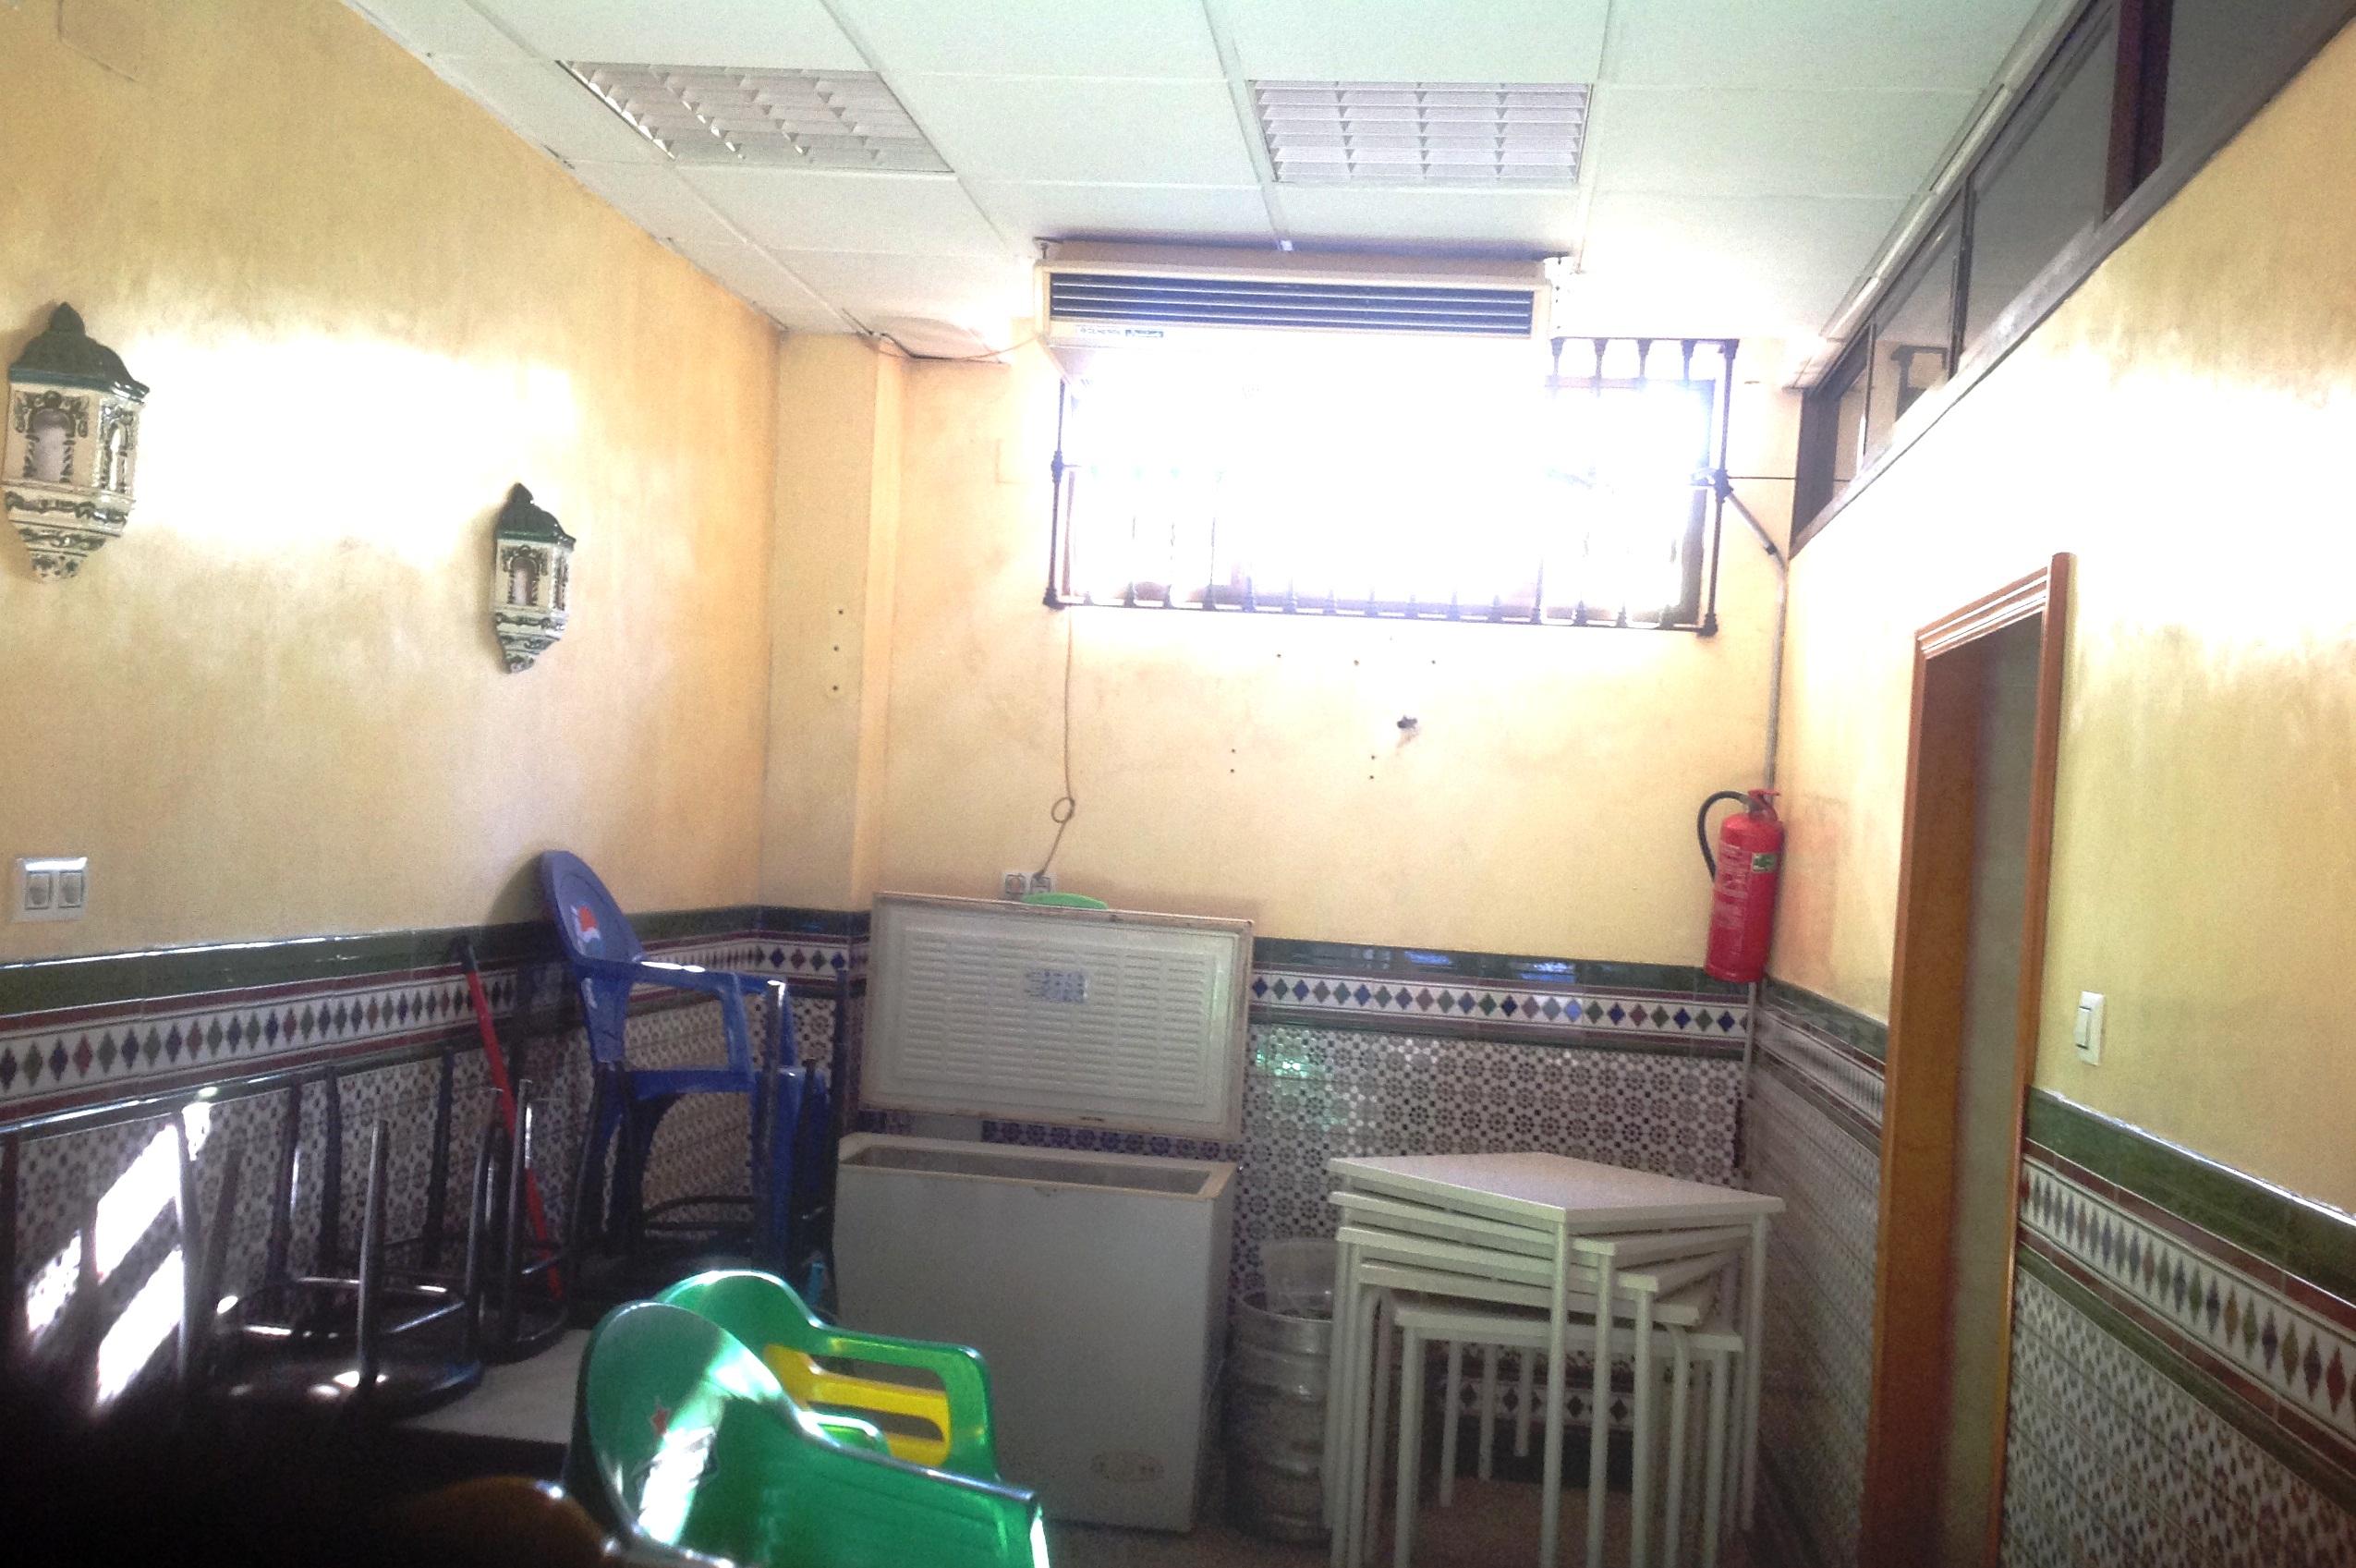 bar-en-alquiler-en-sevilla-con-buena-cocina-7 - BARES EN ALQUILER CIRSA